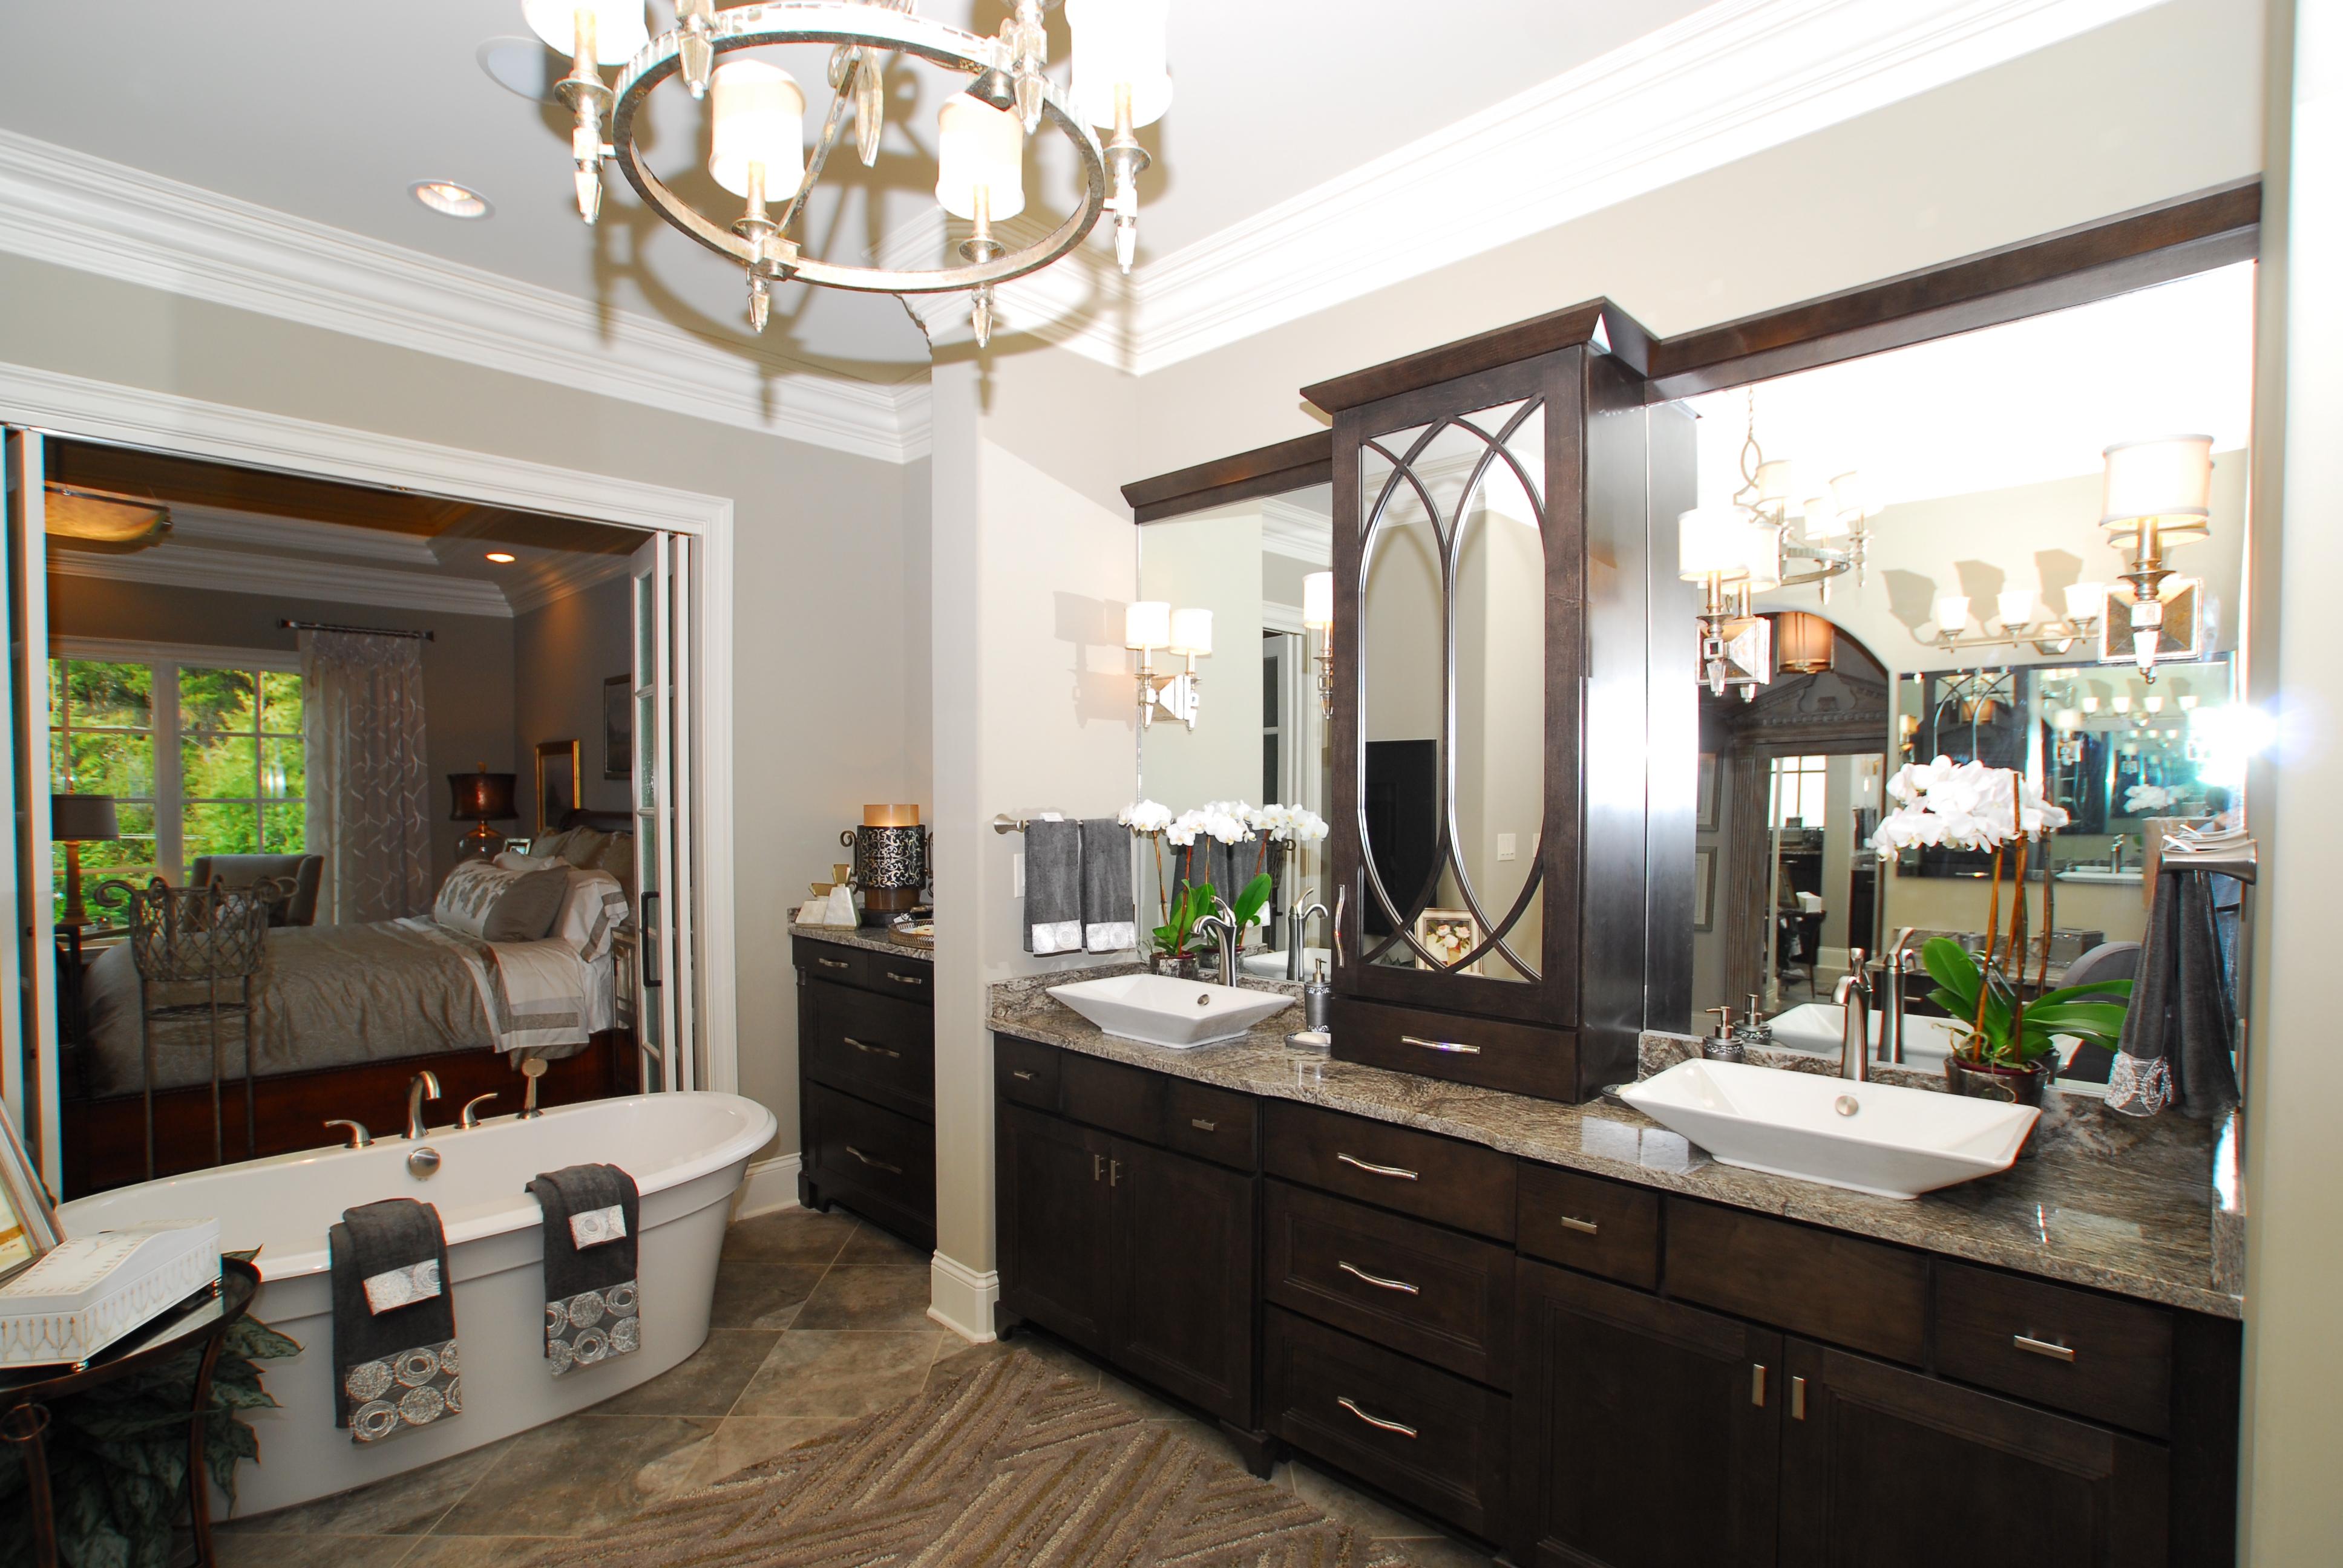 Bathroom 2014 standard kitchen & bath | bathroom gallery - standard kitchen & bath